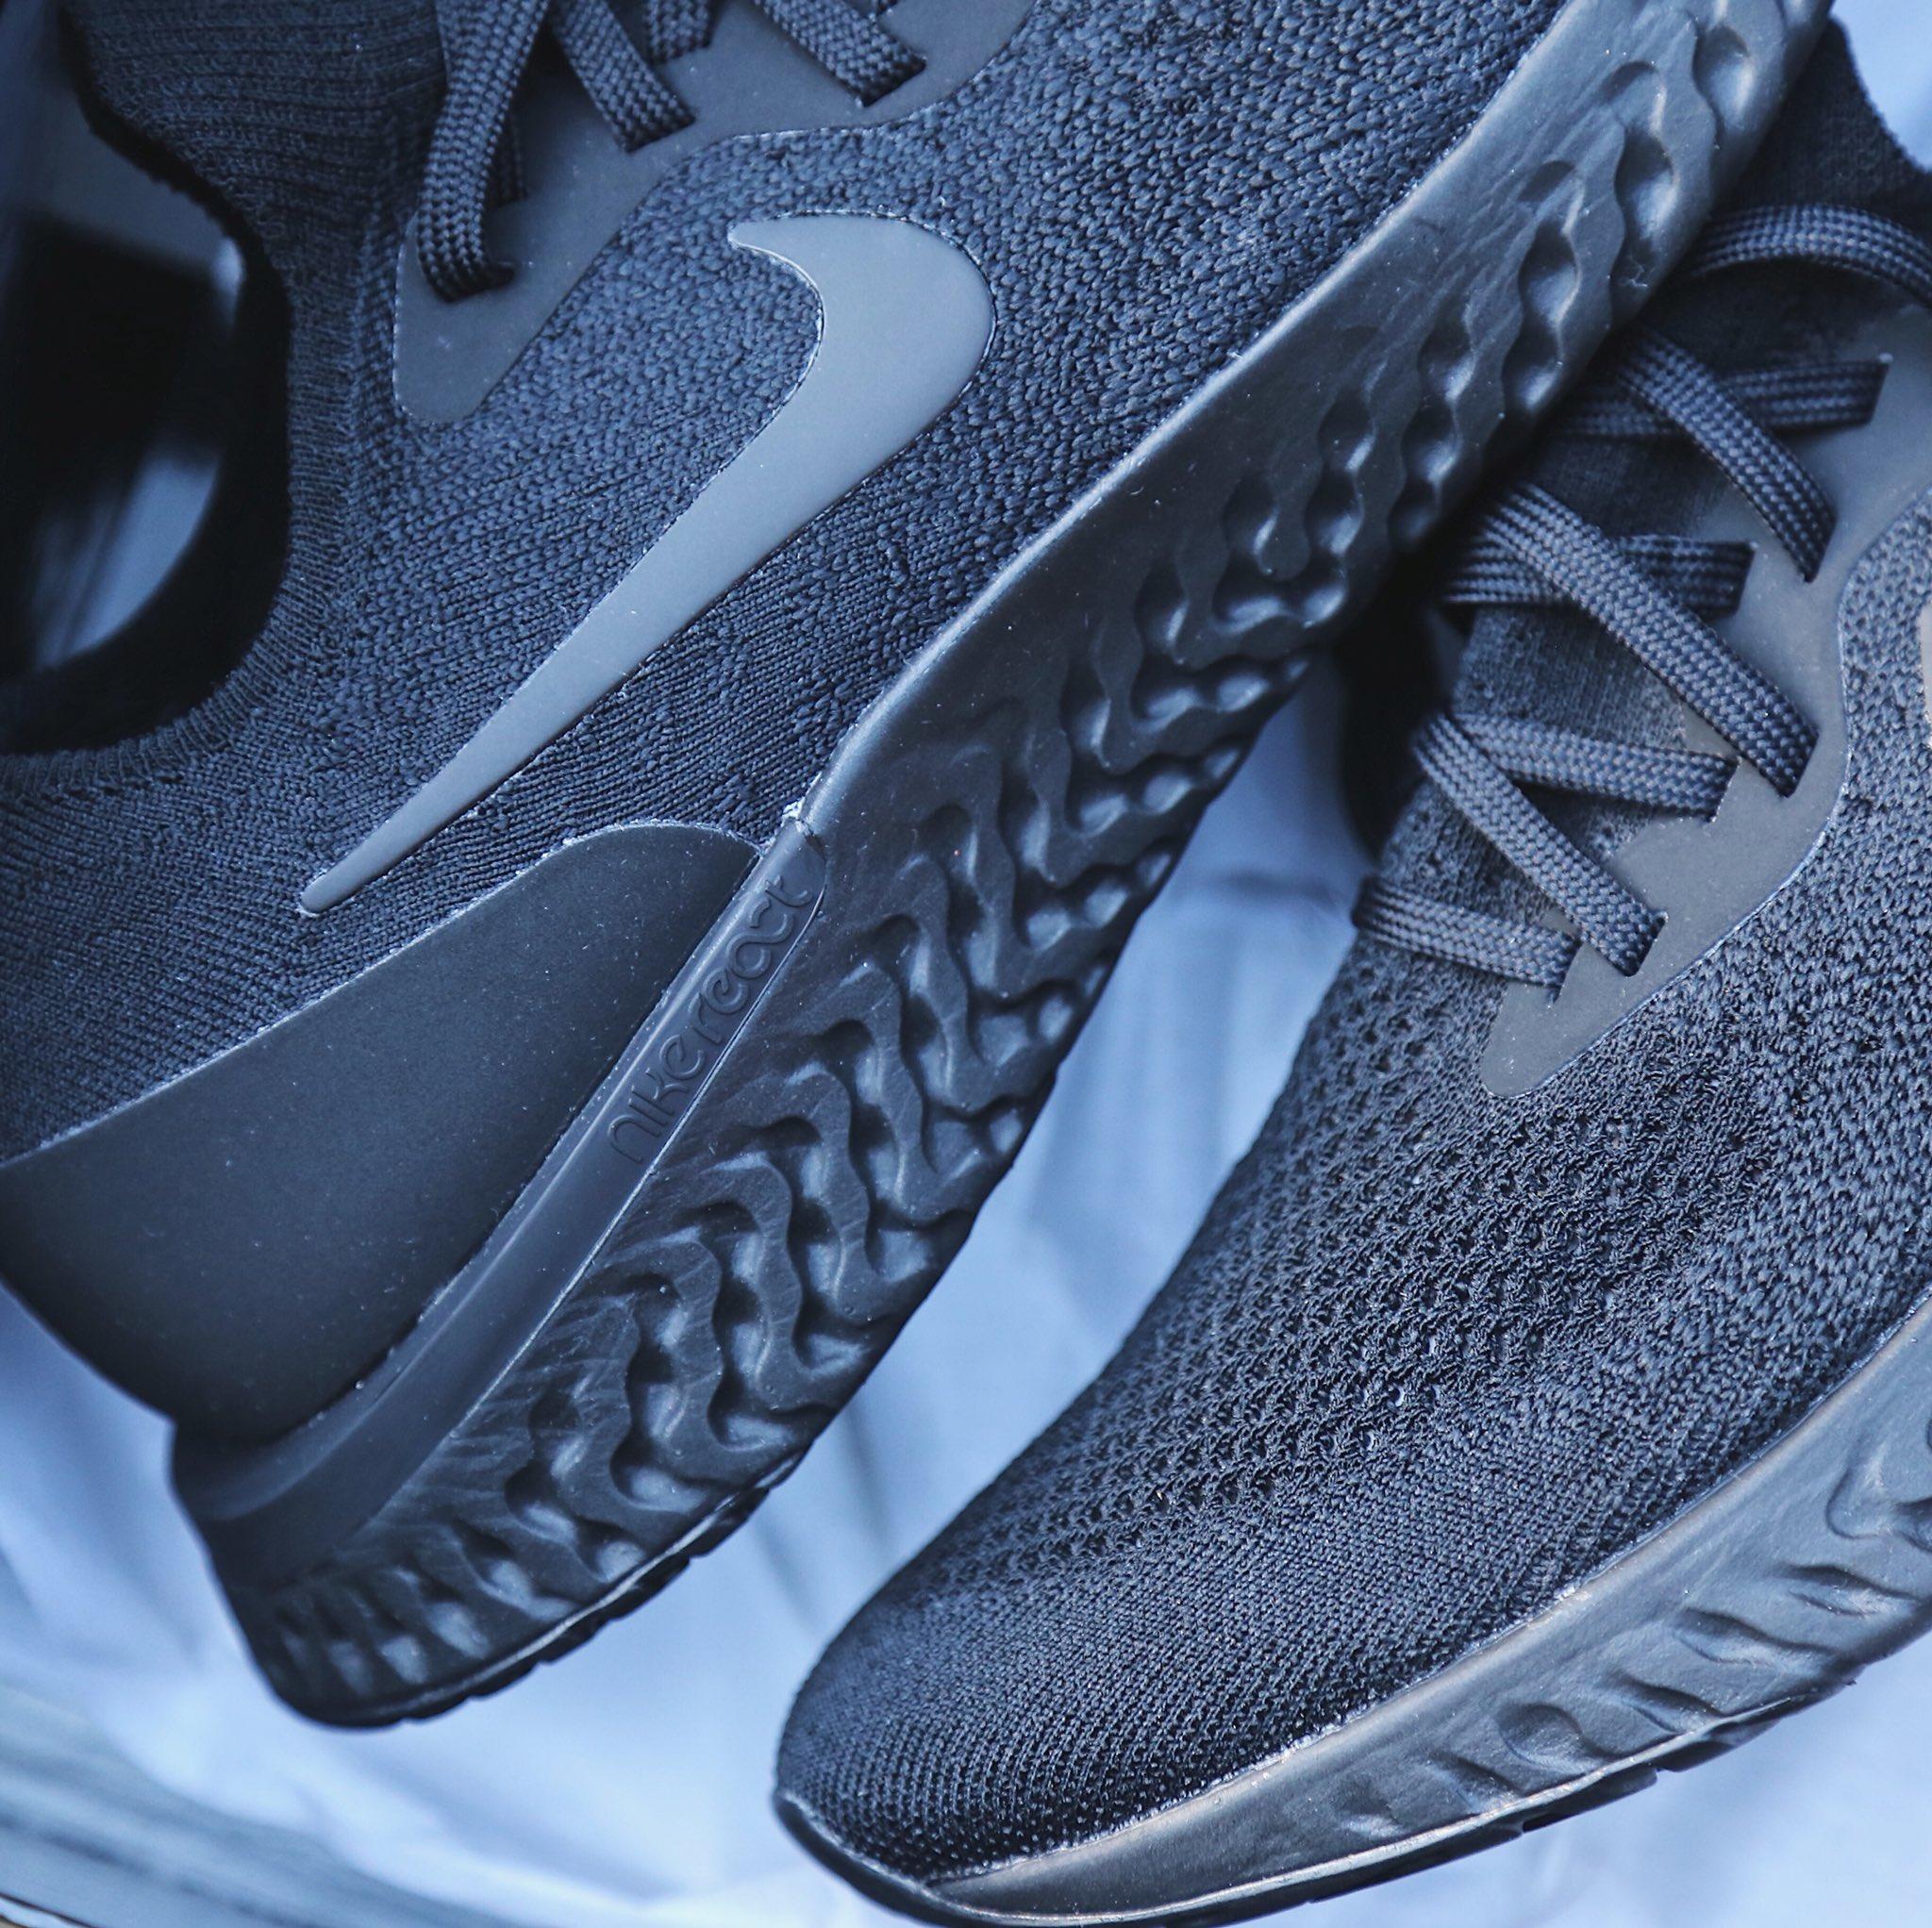 5b9774361934 Sneaker Shouts™ on Twitter